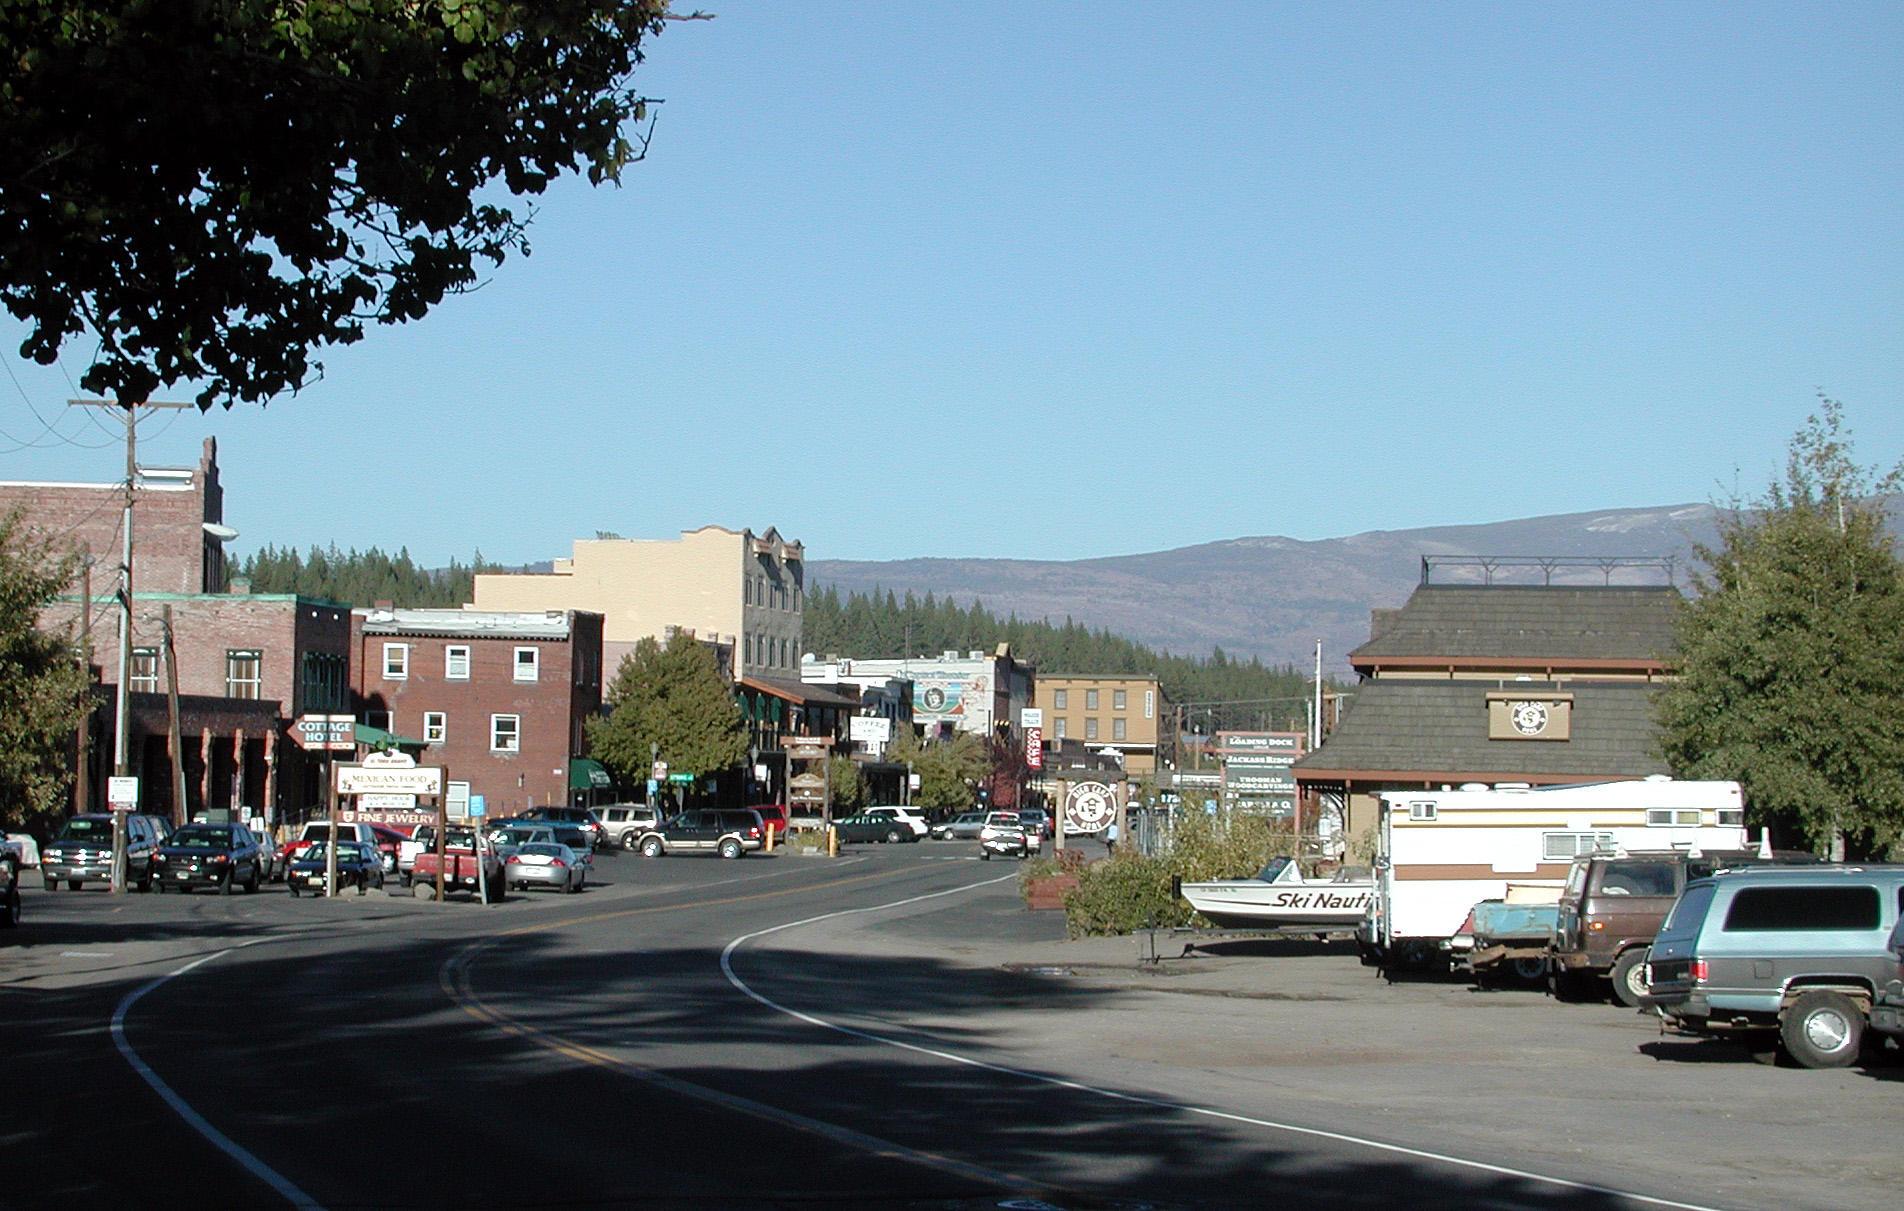 Via Vista Nevada City Ca